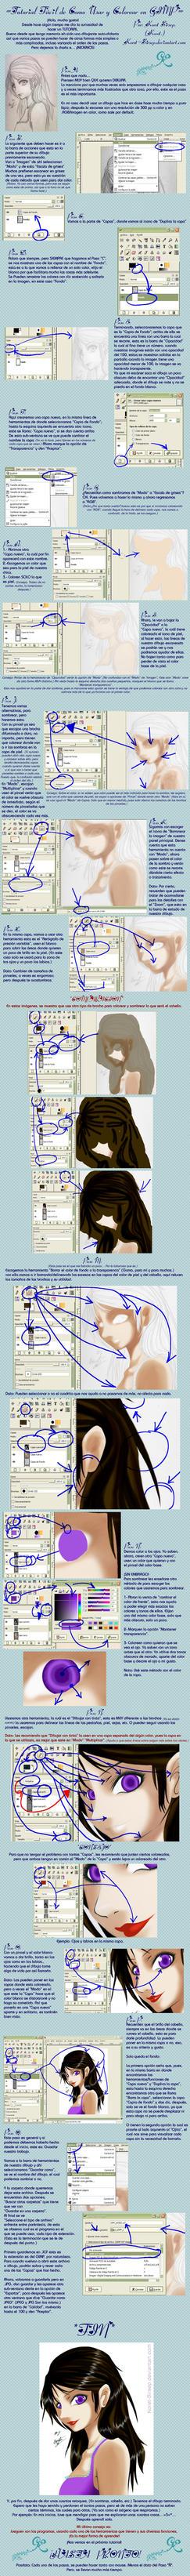 Tutorial Facil de Como Usar y Colorear en GIMP by Koret-Sirsep